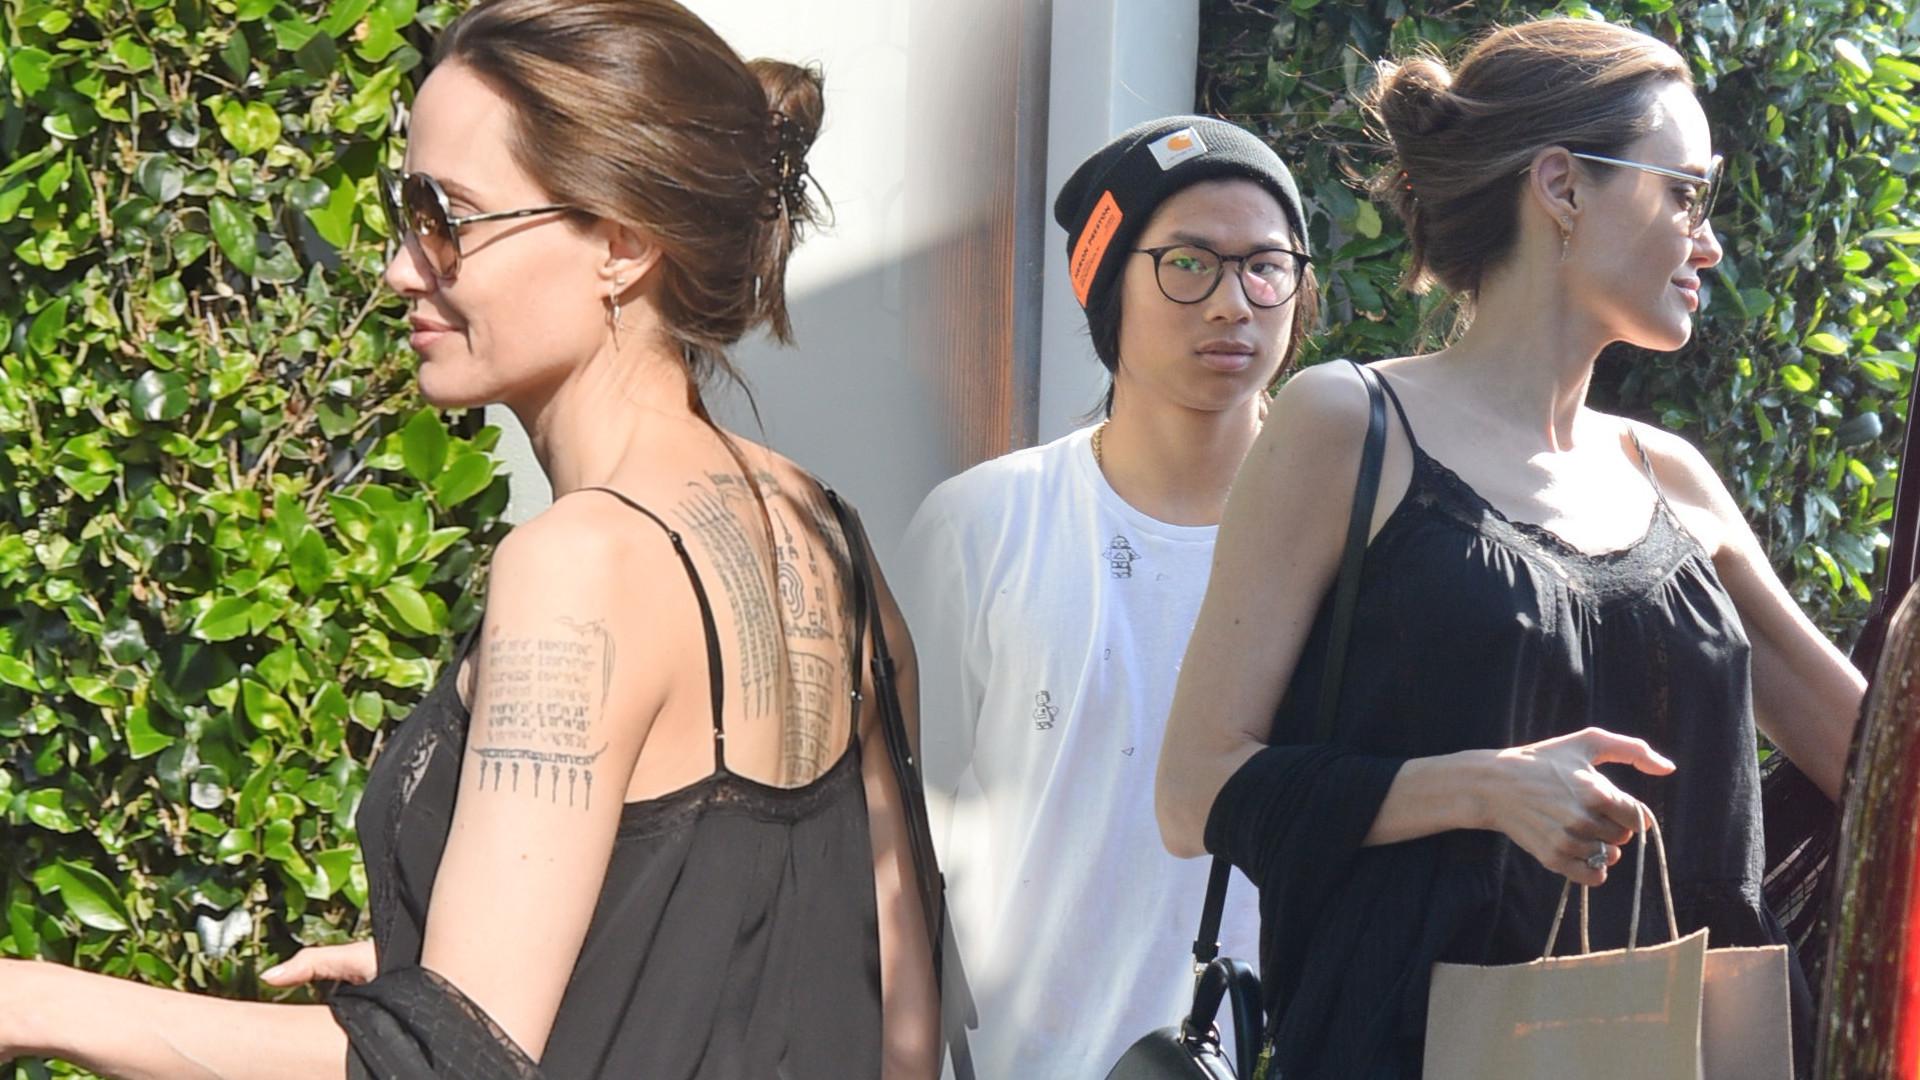 Angelina Jolie w skórzanych spodniach bierze lunch na wynos (ZDJĘCIA)